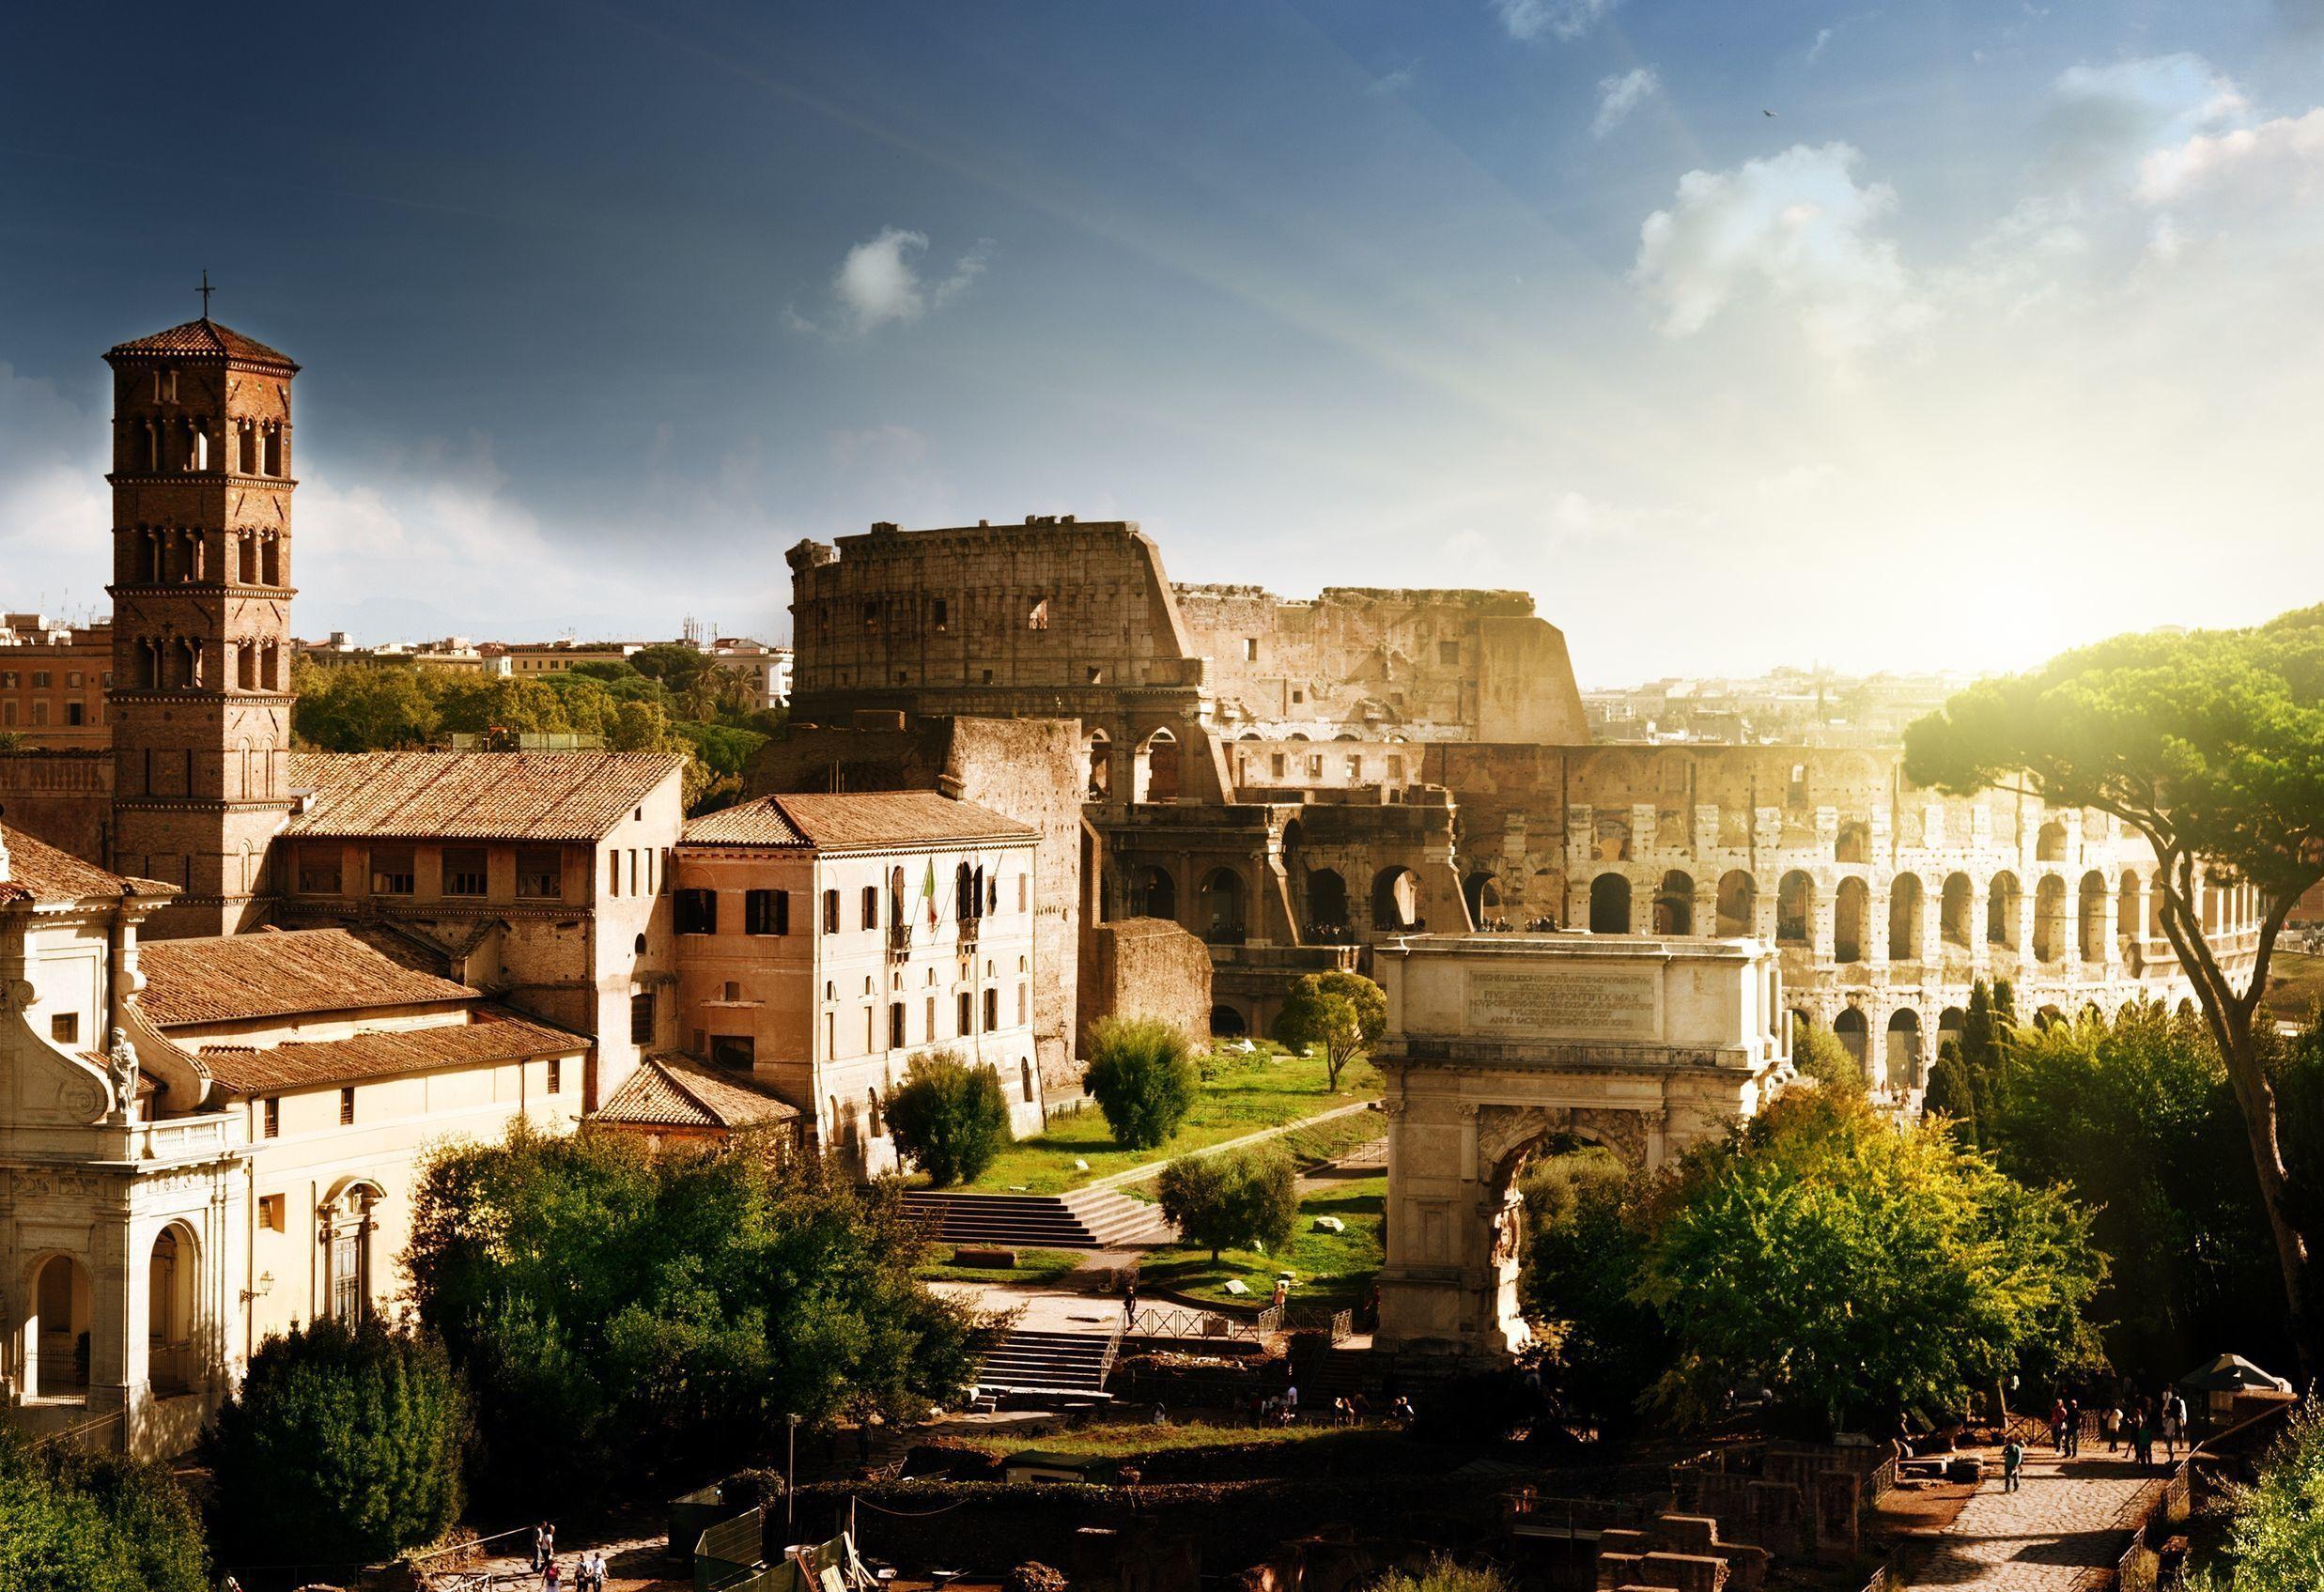 Inträdesbiljett till Colosseum, Forum Romanum och Palatinen